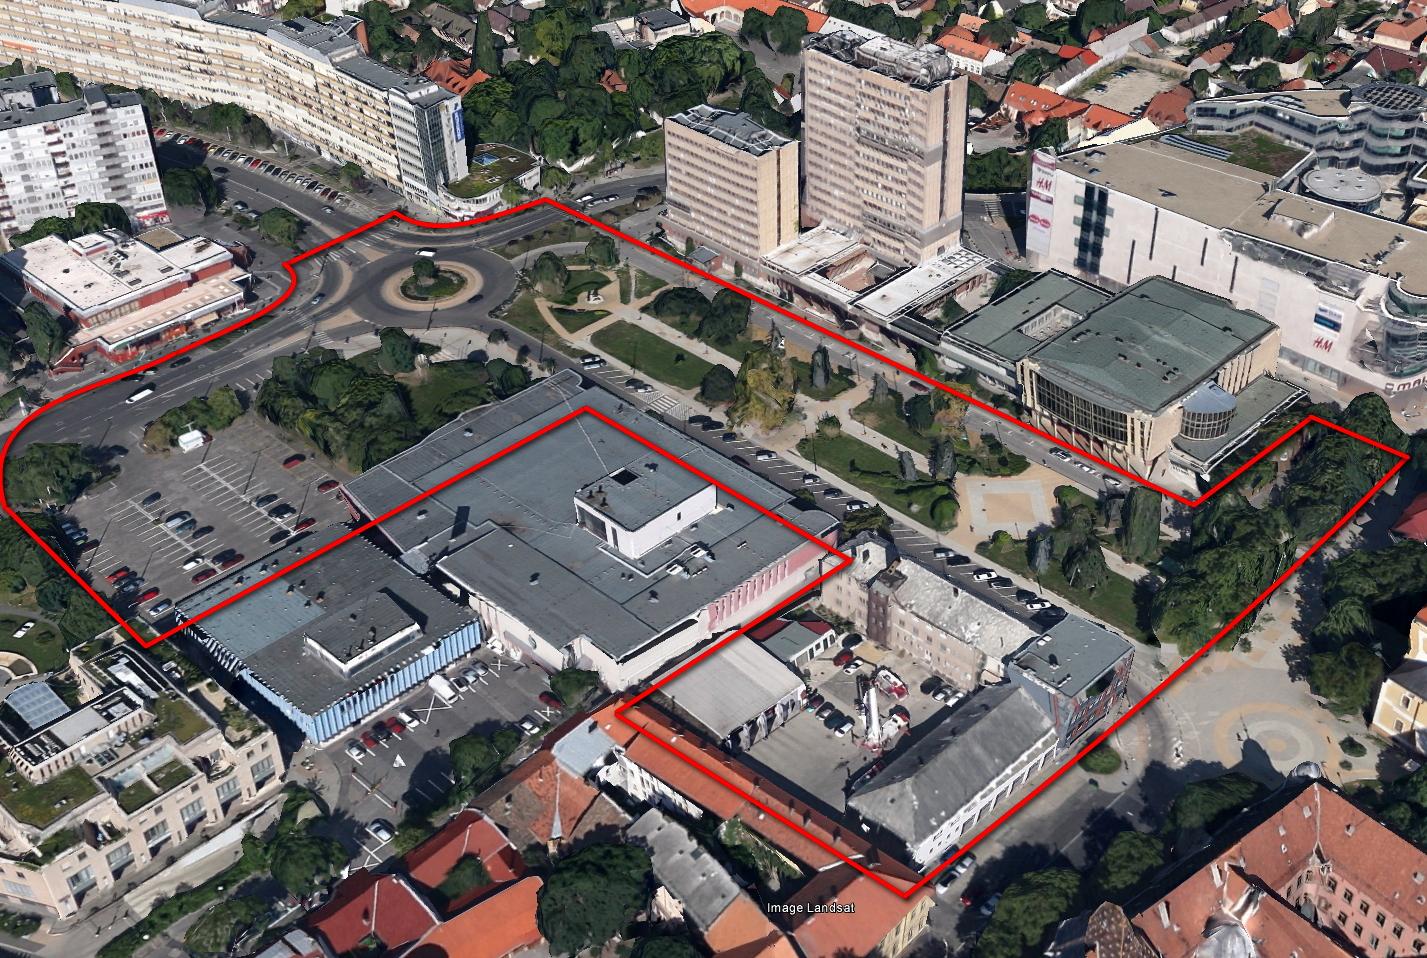 kecskemét vasútállomás térkép Kecskemét kecskemét vasútállomás térkép